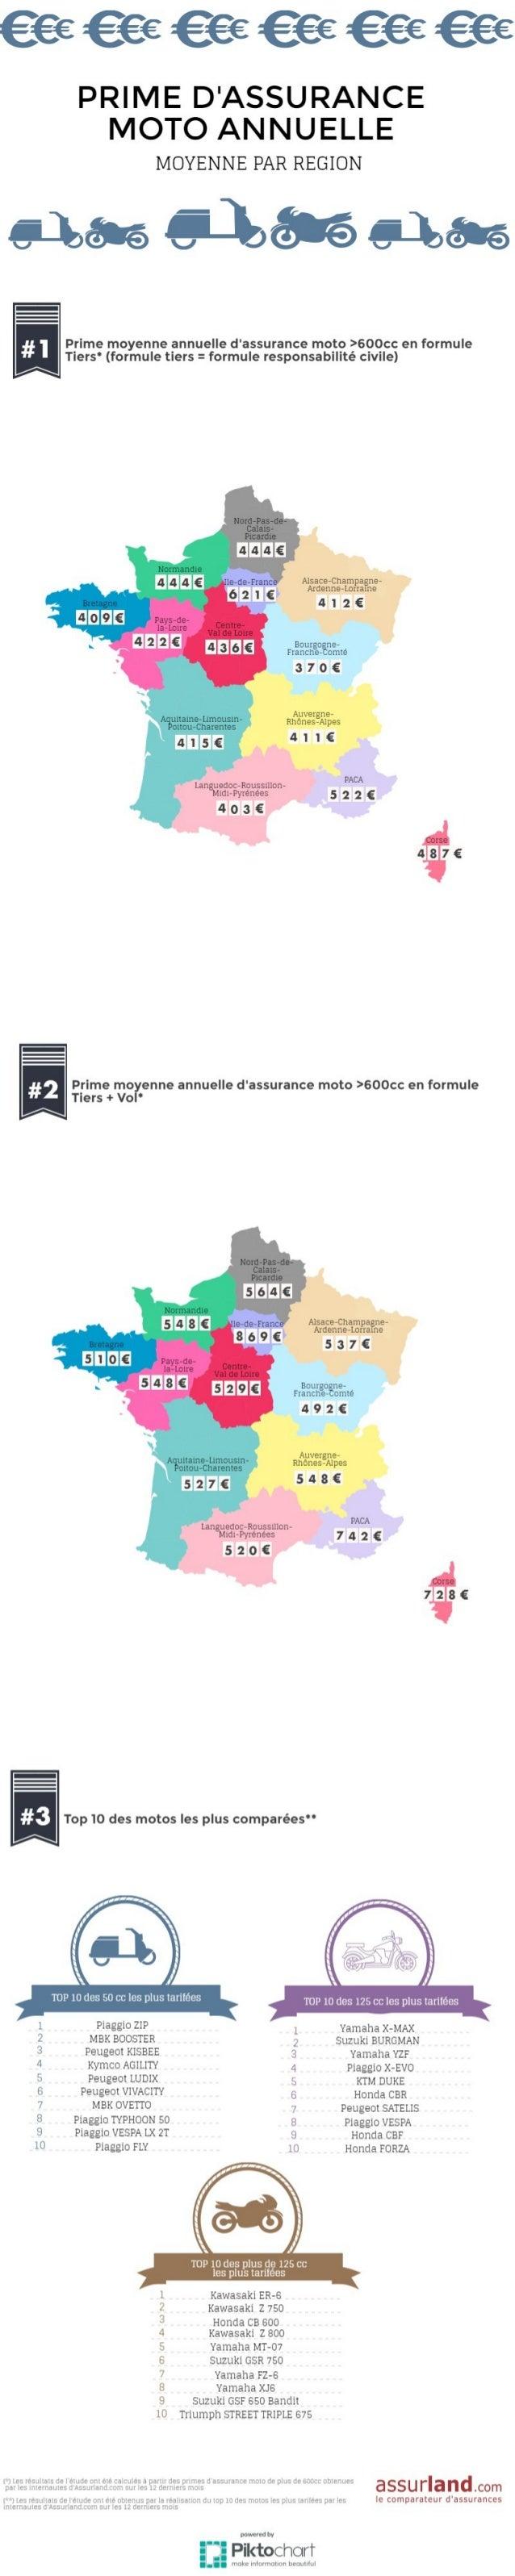 Prix des assurances moto en France